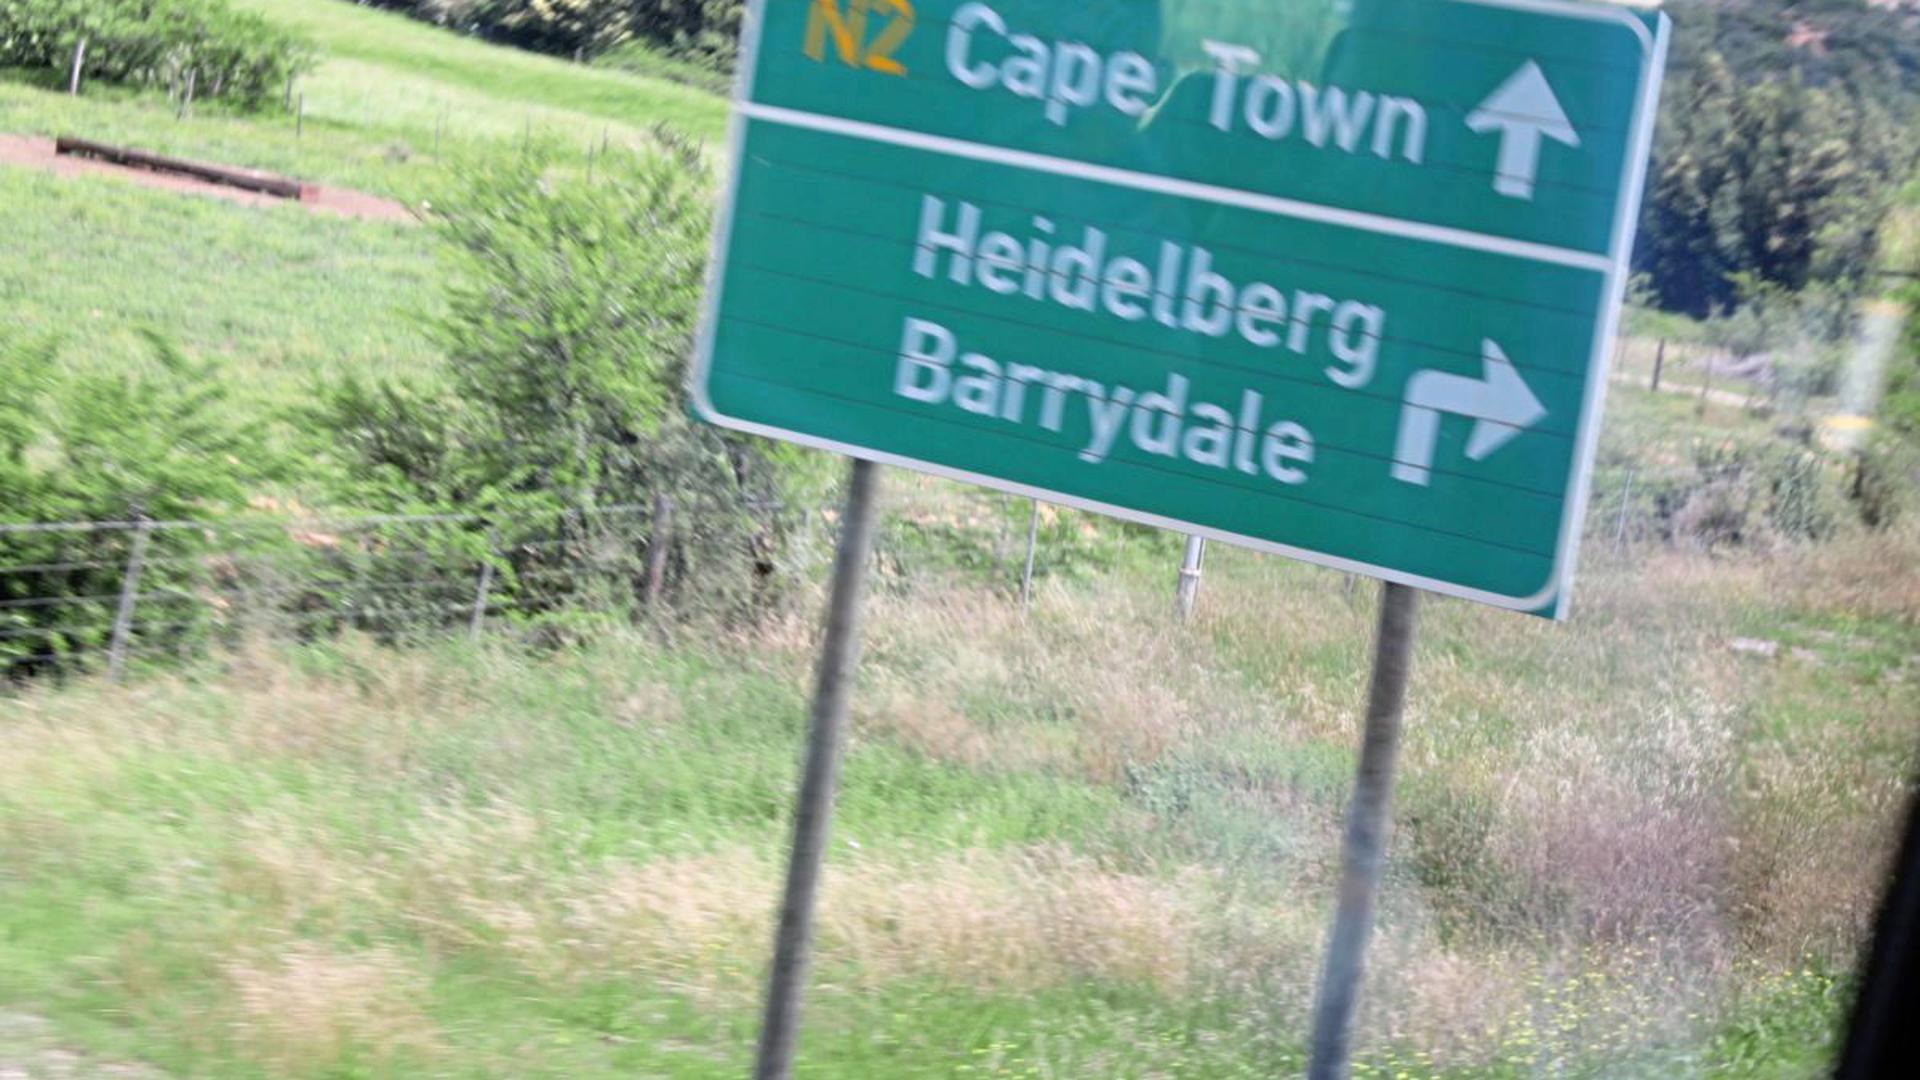 In Südafrika gibt es zwei Orte mit dem Namen Heidelberg. Der auf dem Foto liegt in der Provinz Westkap.